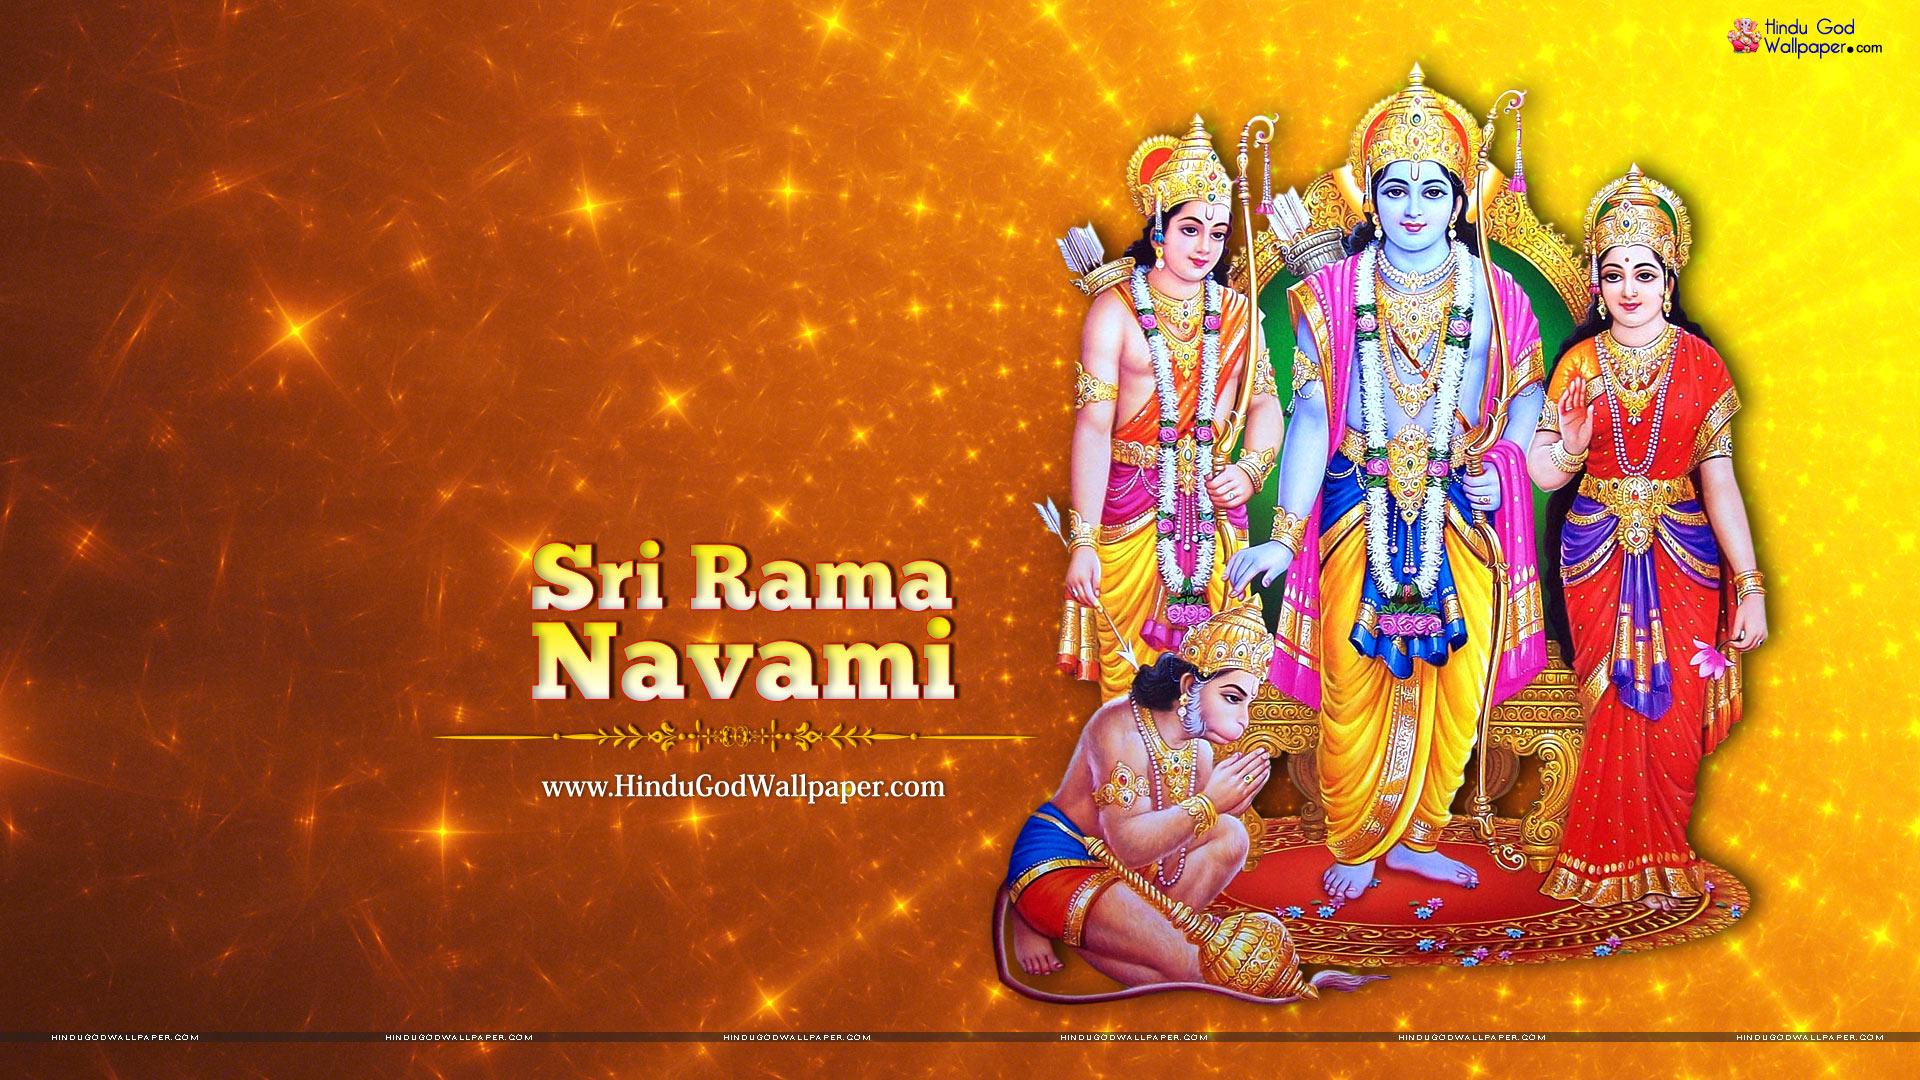 Sri Rama Navami Greetings Picture